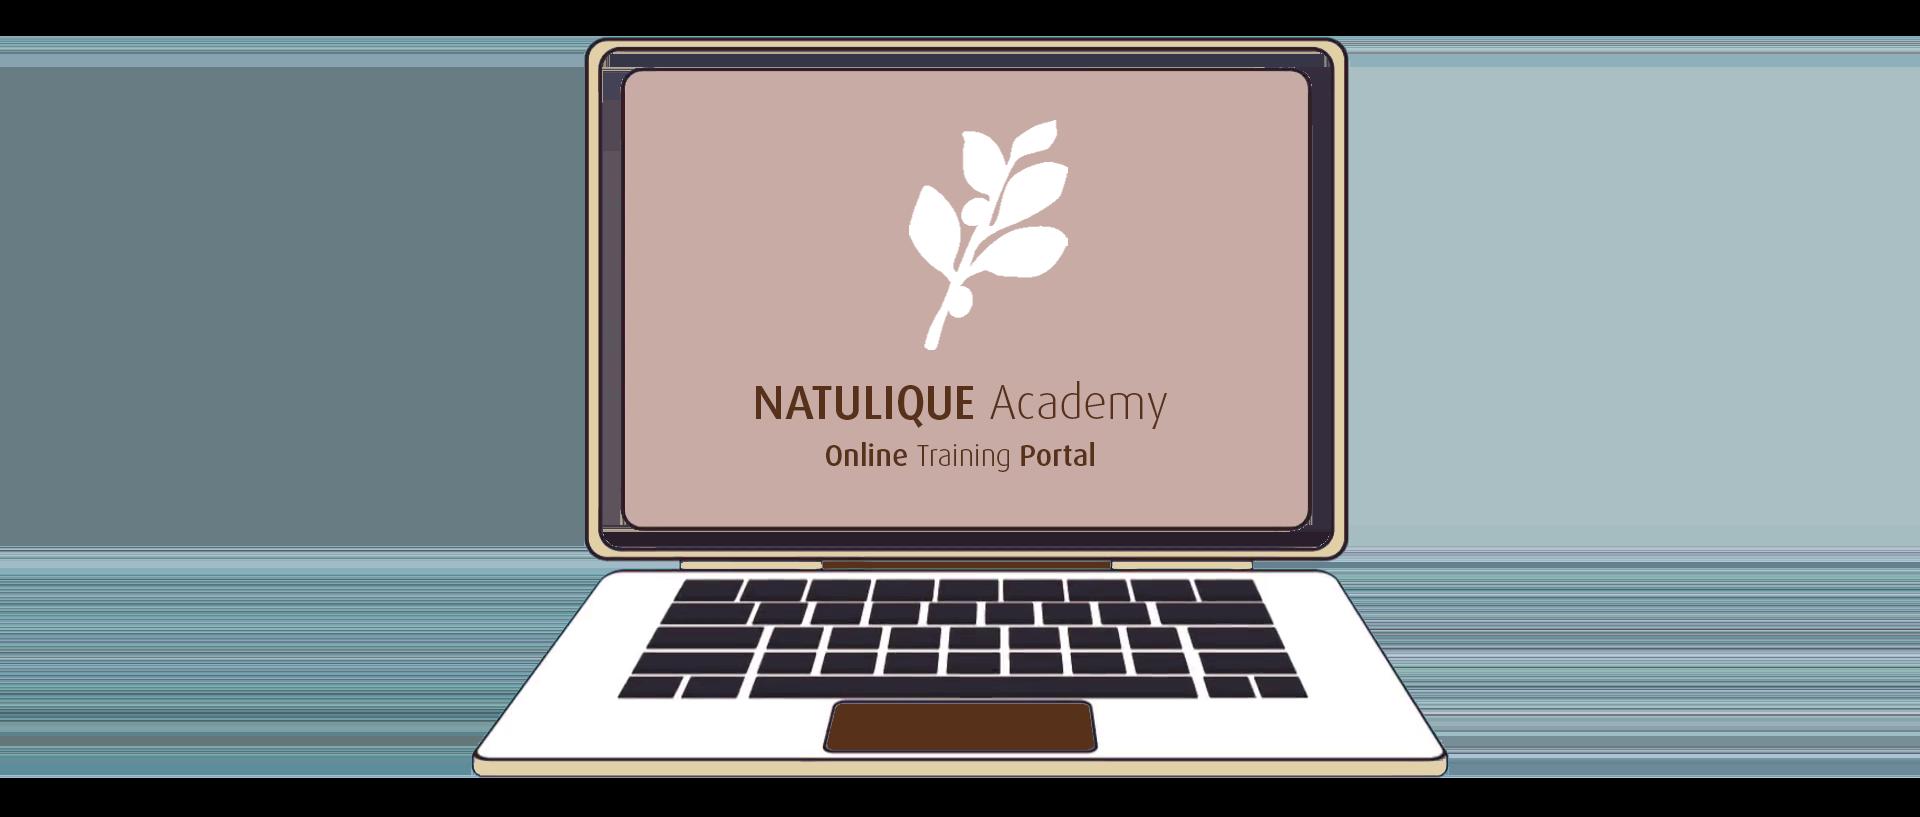 NATULIQUE Academy